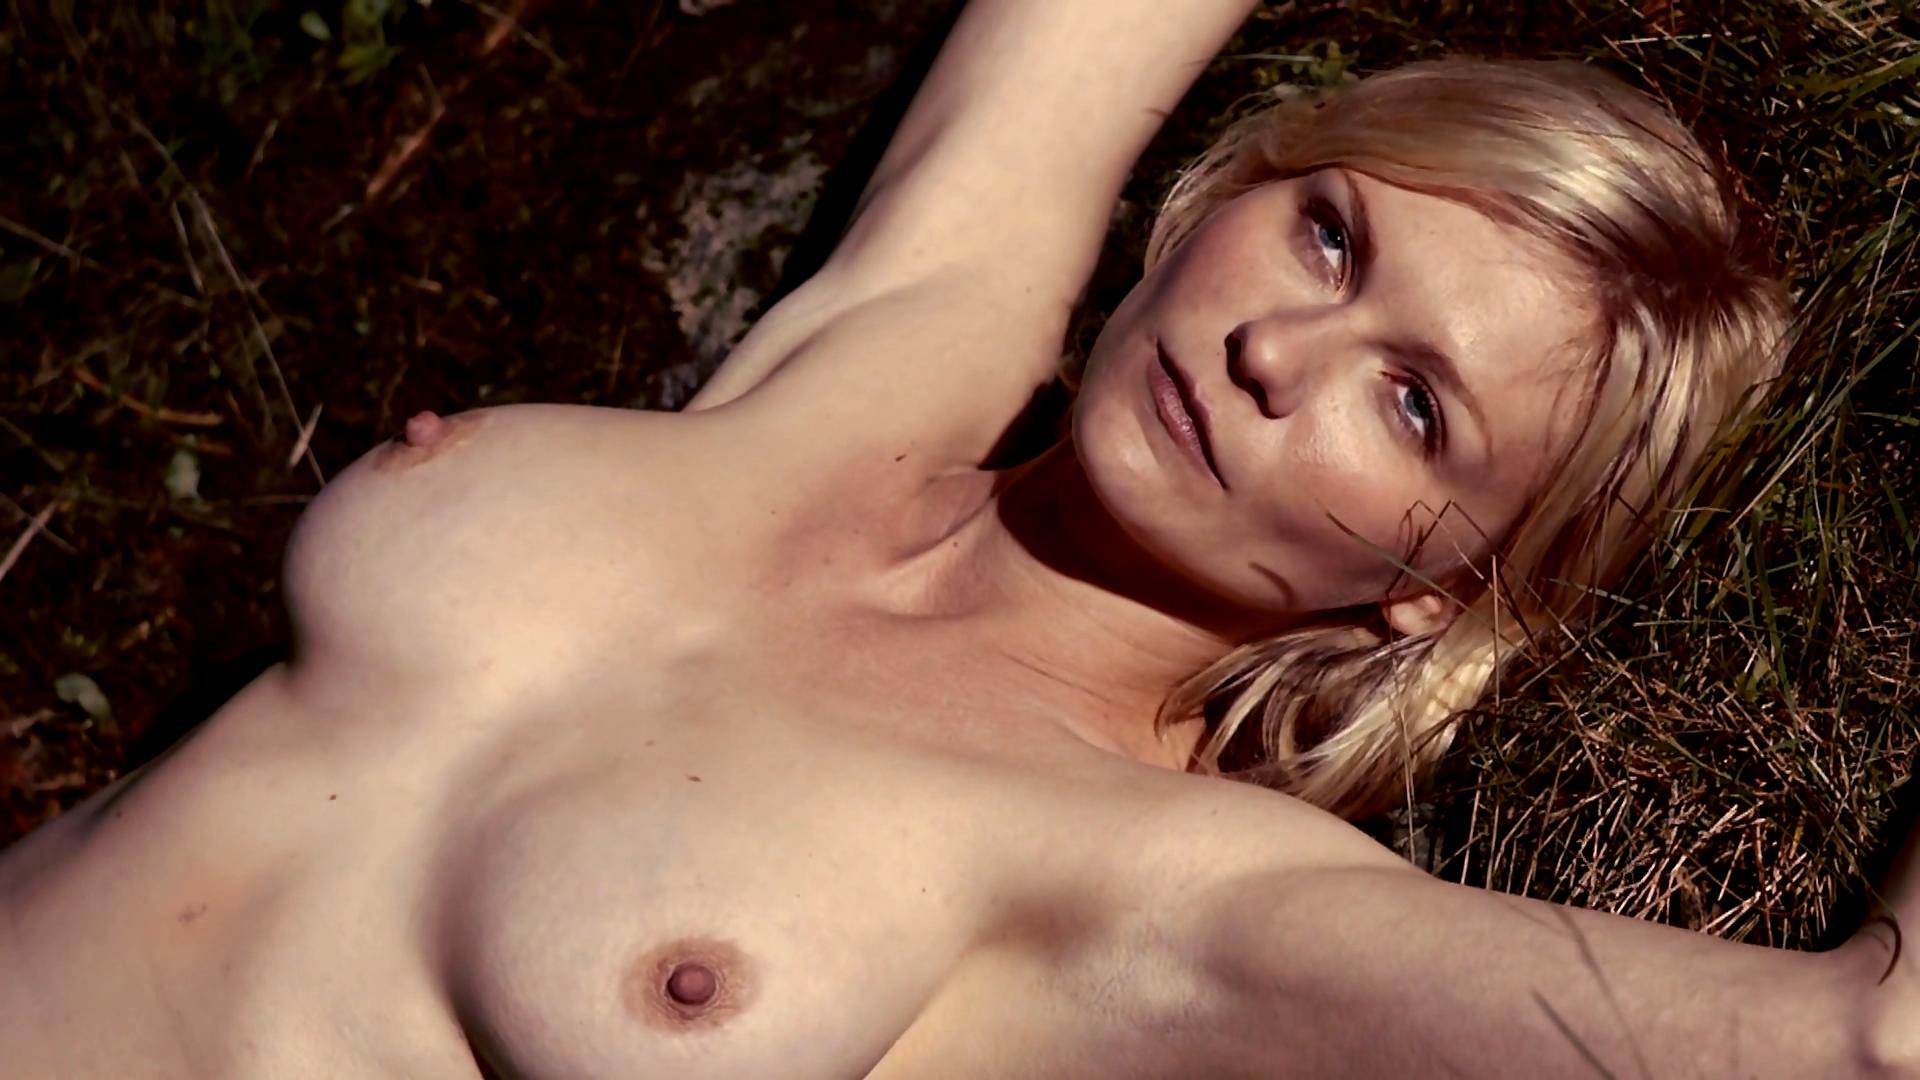 Gemma arterton nackt vagina